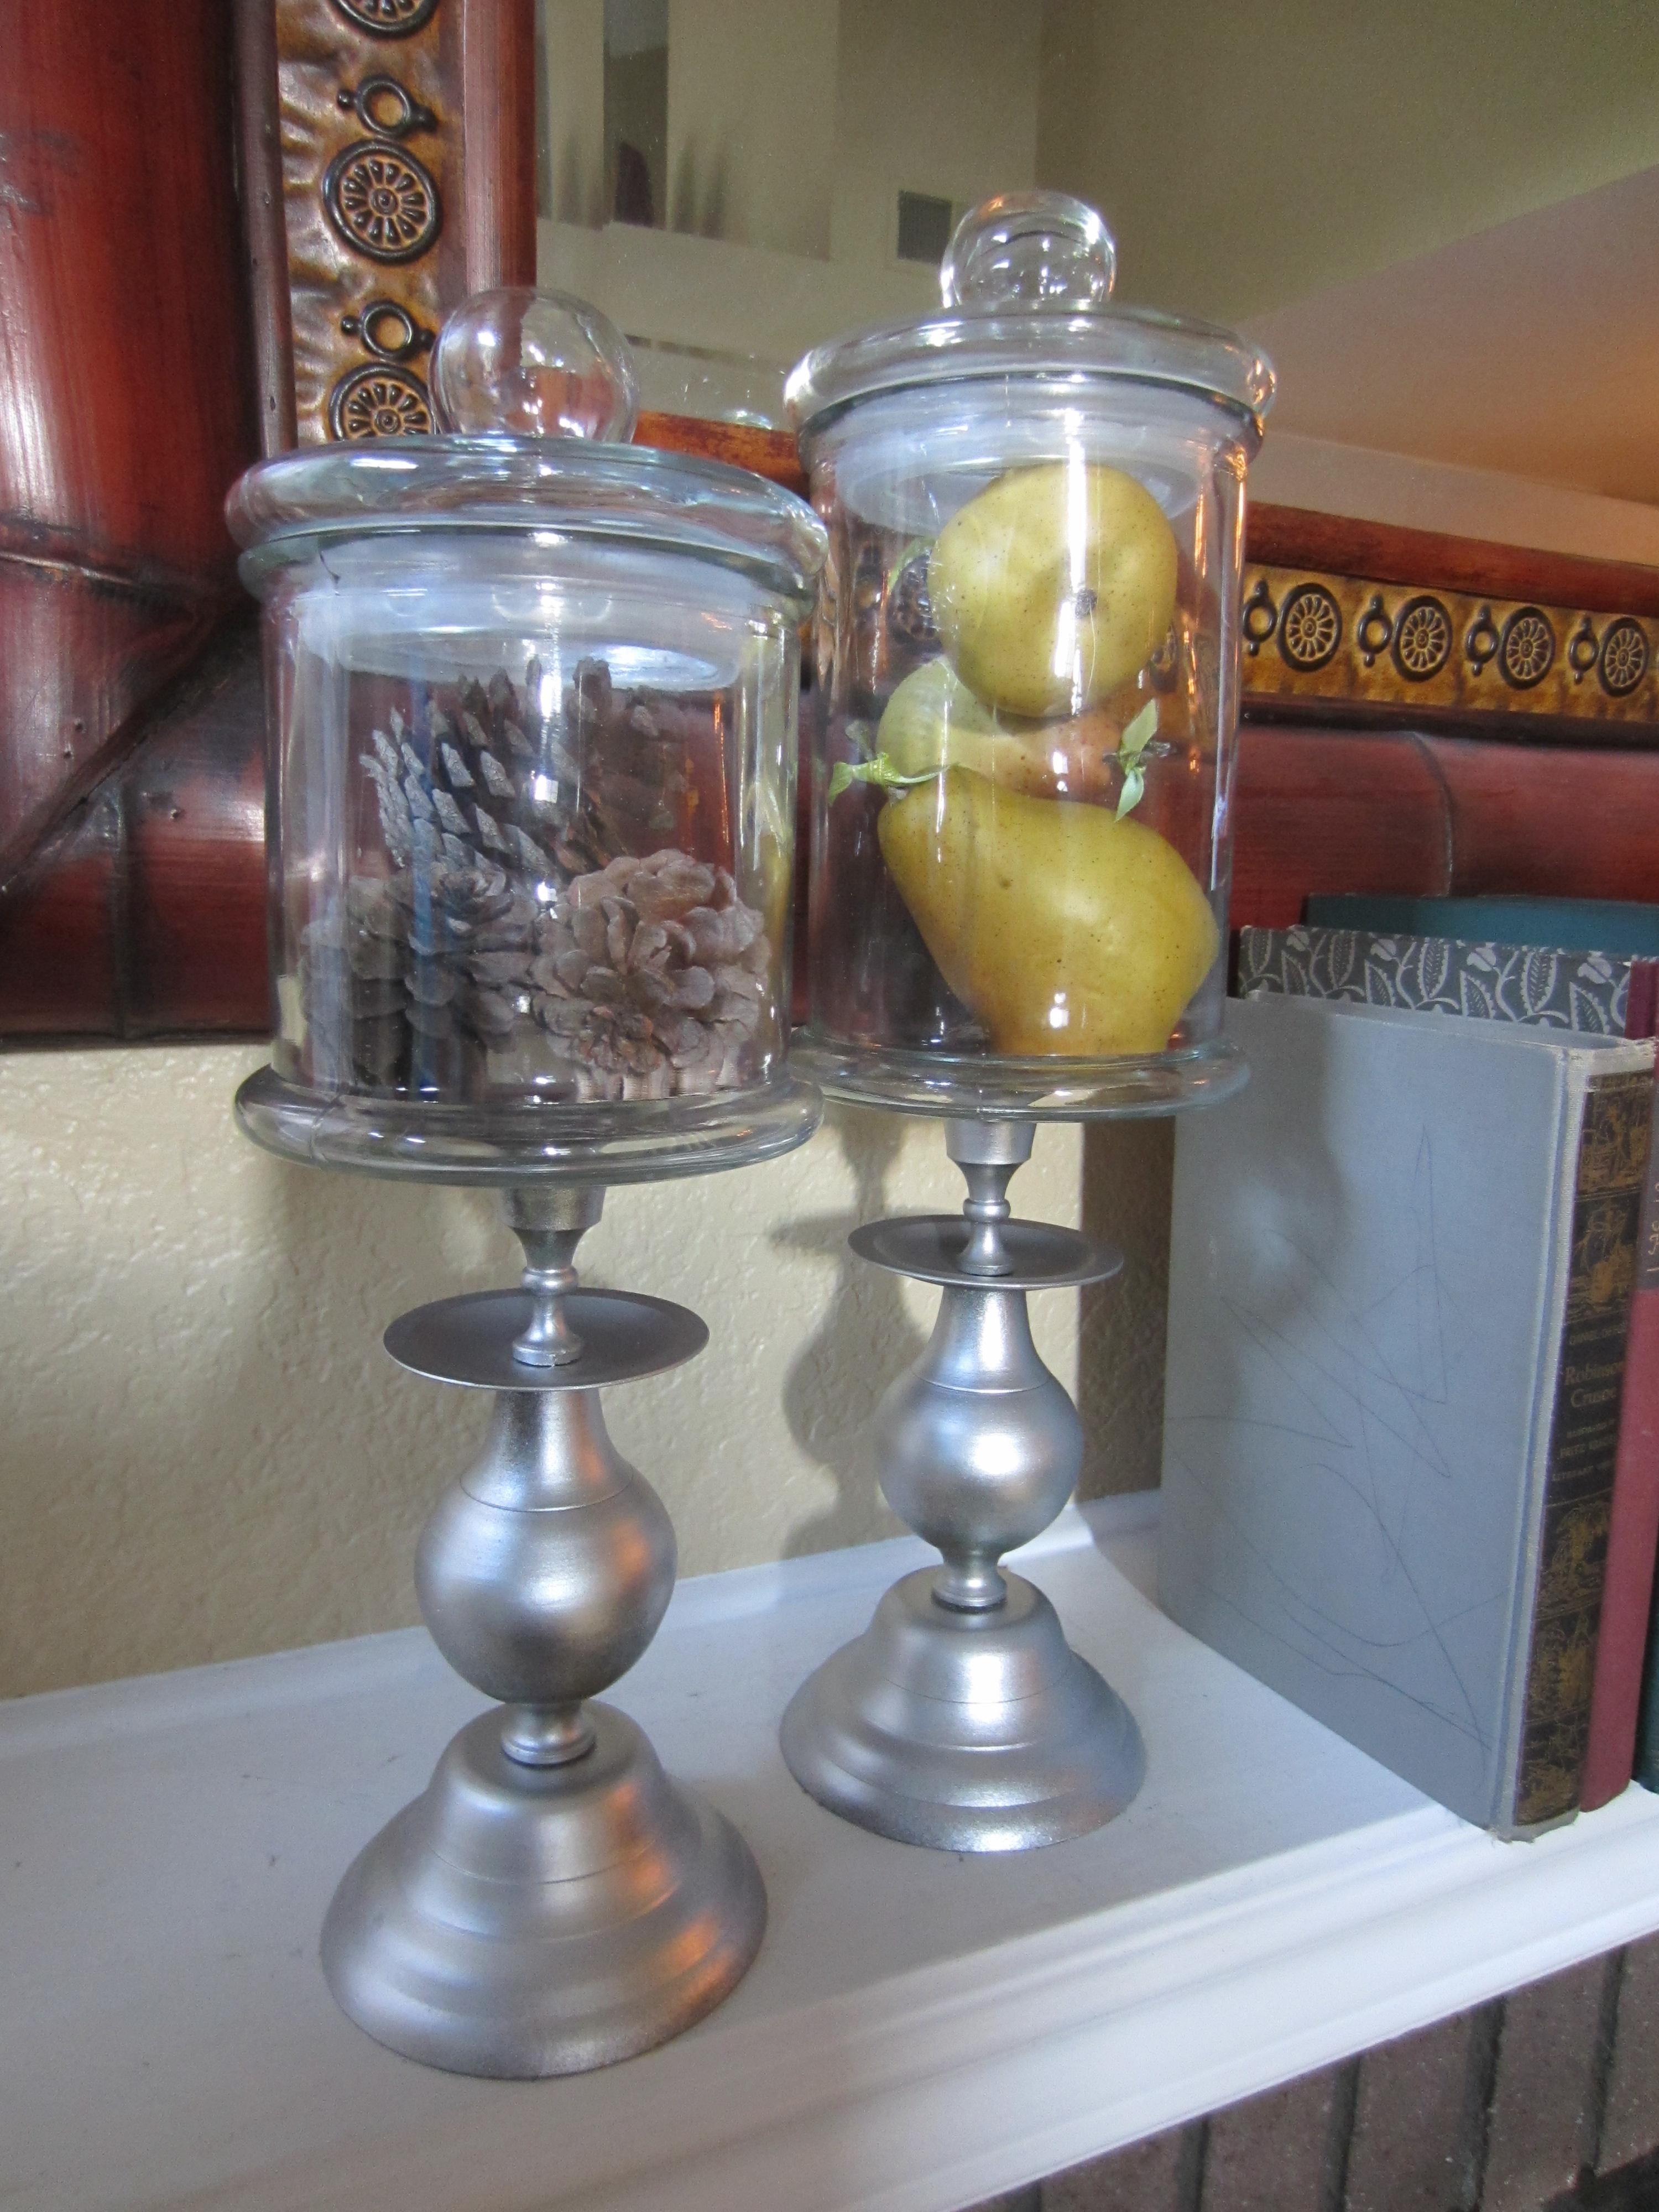 Apothecary Jar Decor Diy Candlestick Candy Jars  Apothecary Jars  Pinterest  Craft